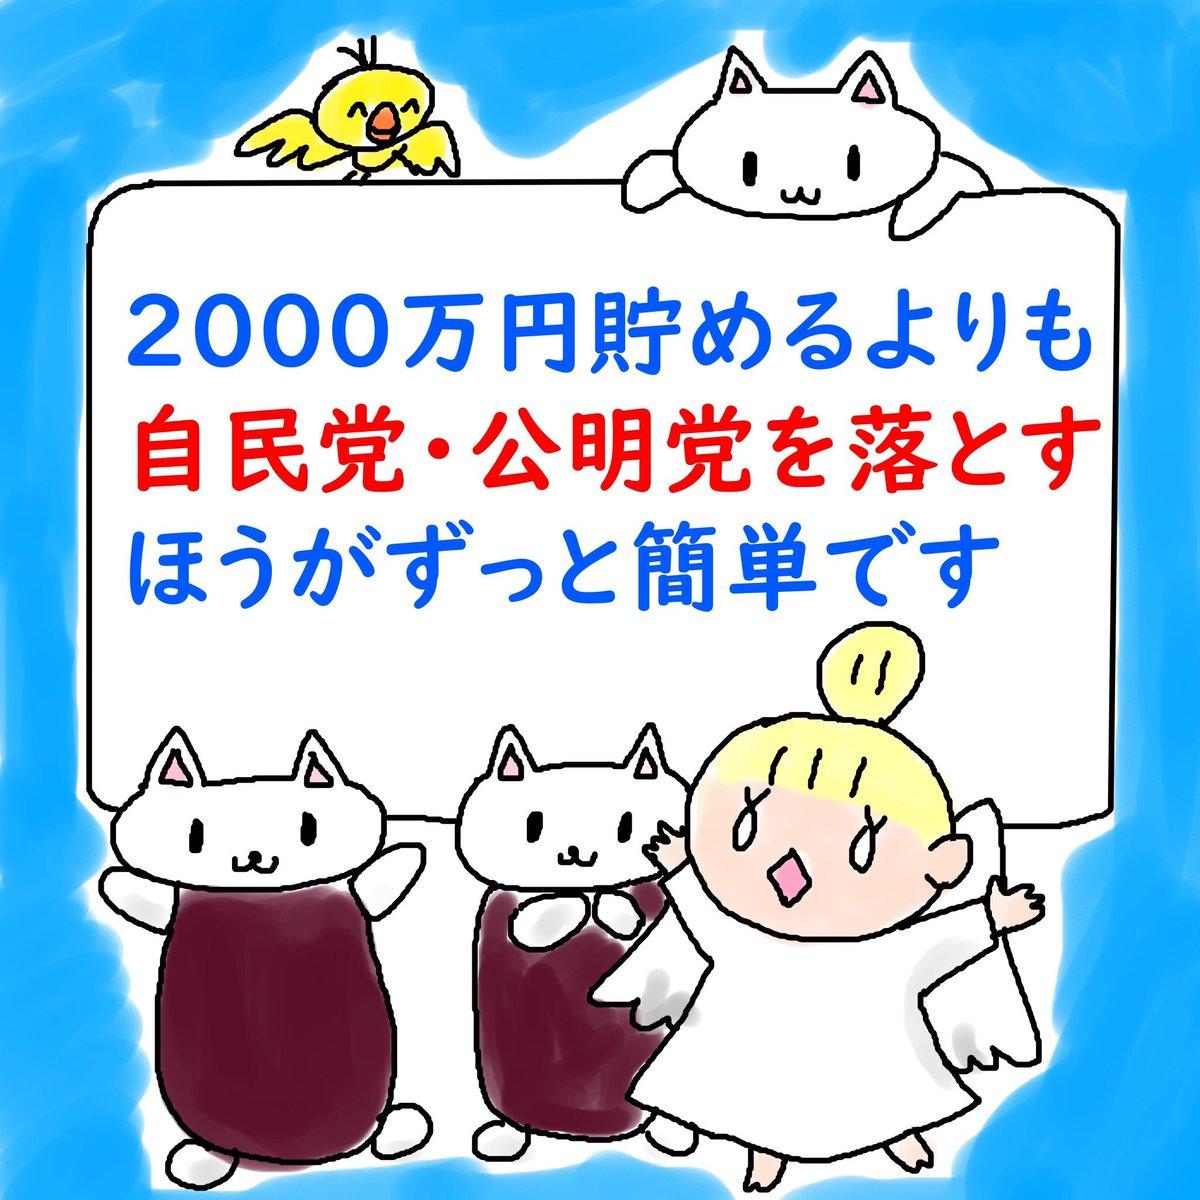 【ツイッター】#2000万円貯めるよりも自民党・公明党を落とすほうがずっと簡単です タグができてた!